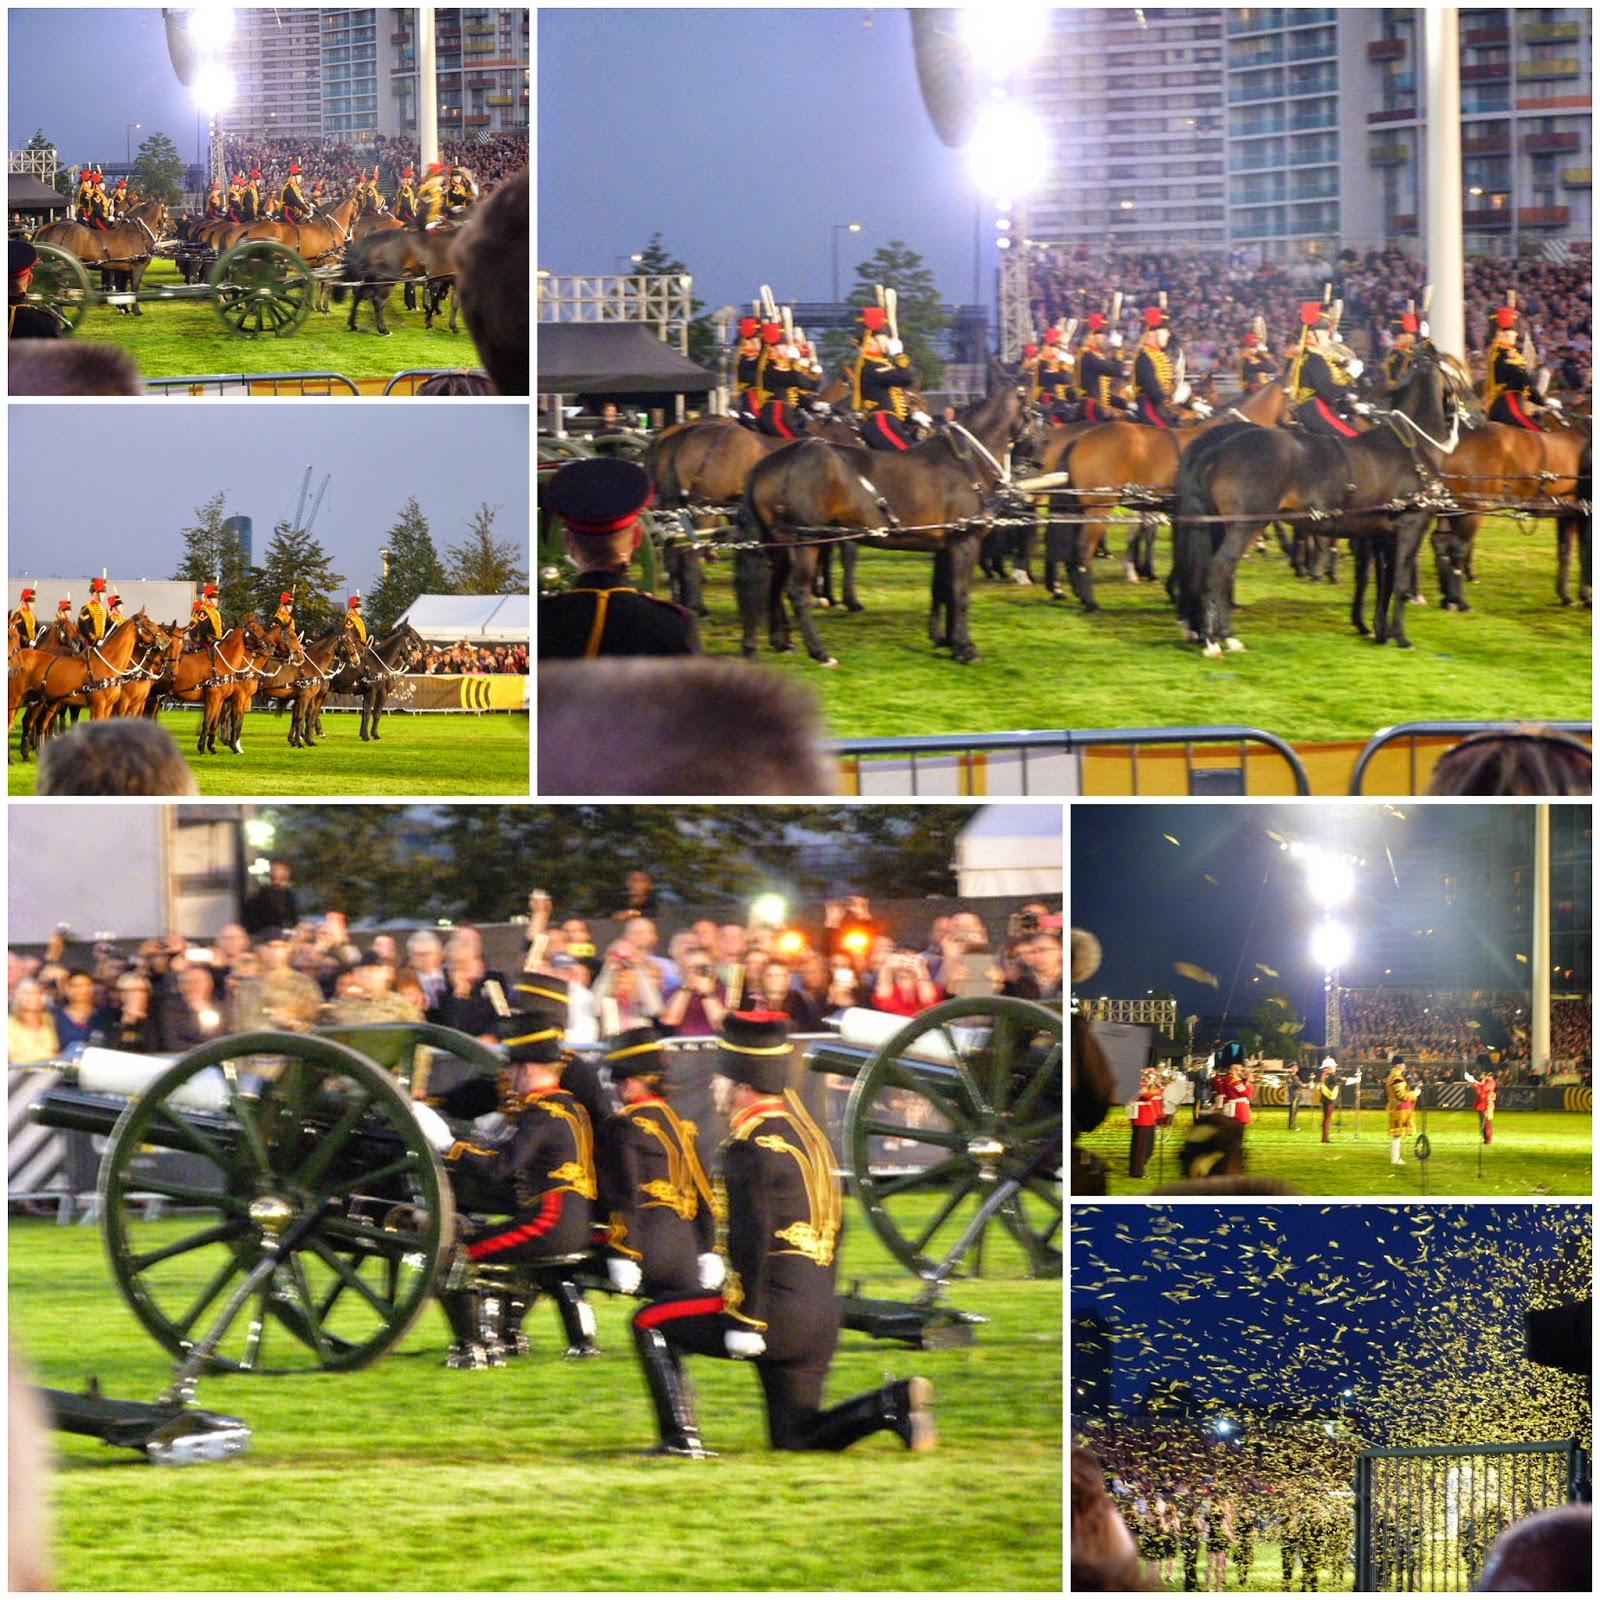 invictus games opening ceremony - photo #24